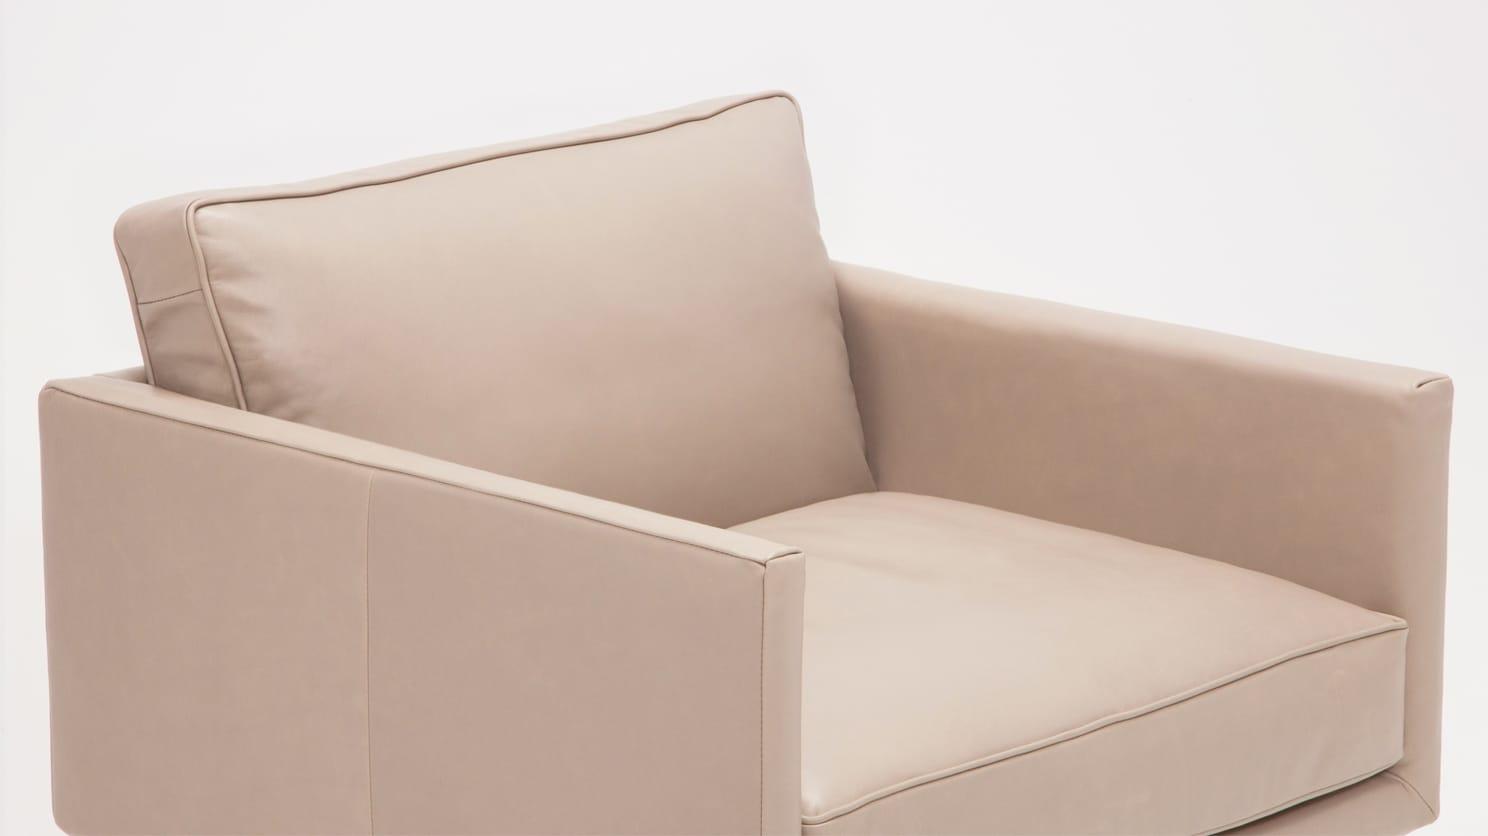 plateau club chair feather coachella warm grey detail 01